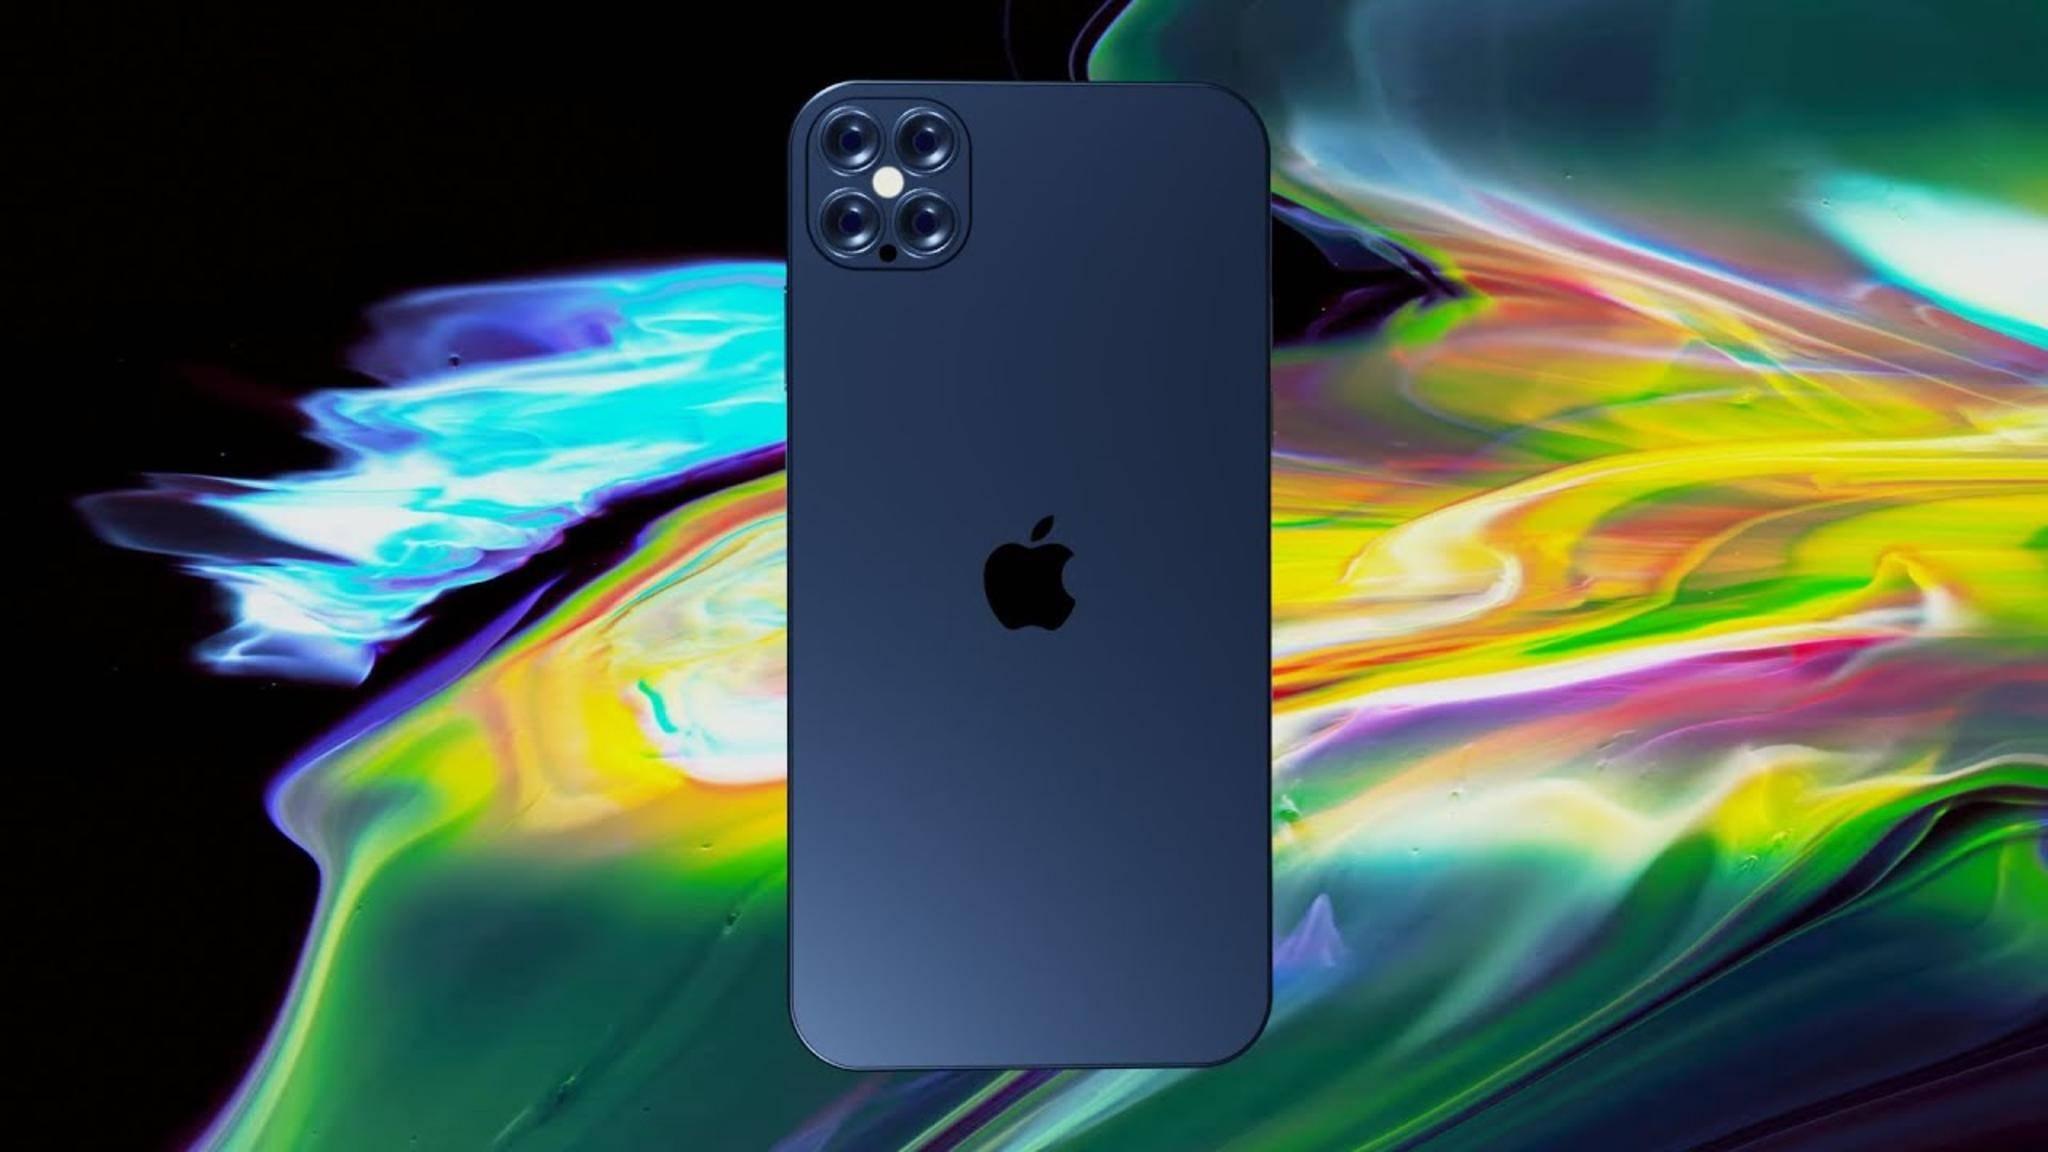 Kommt das iPhone 13 in diesem Jahr später?